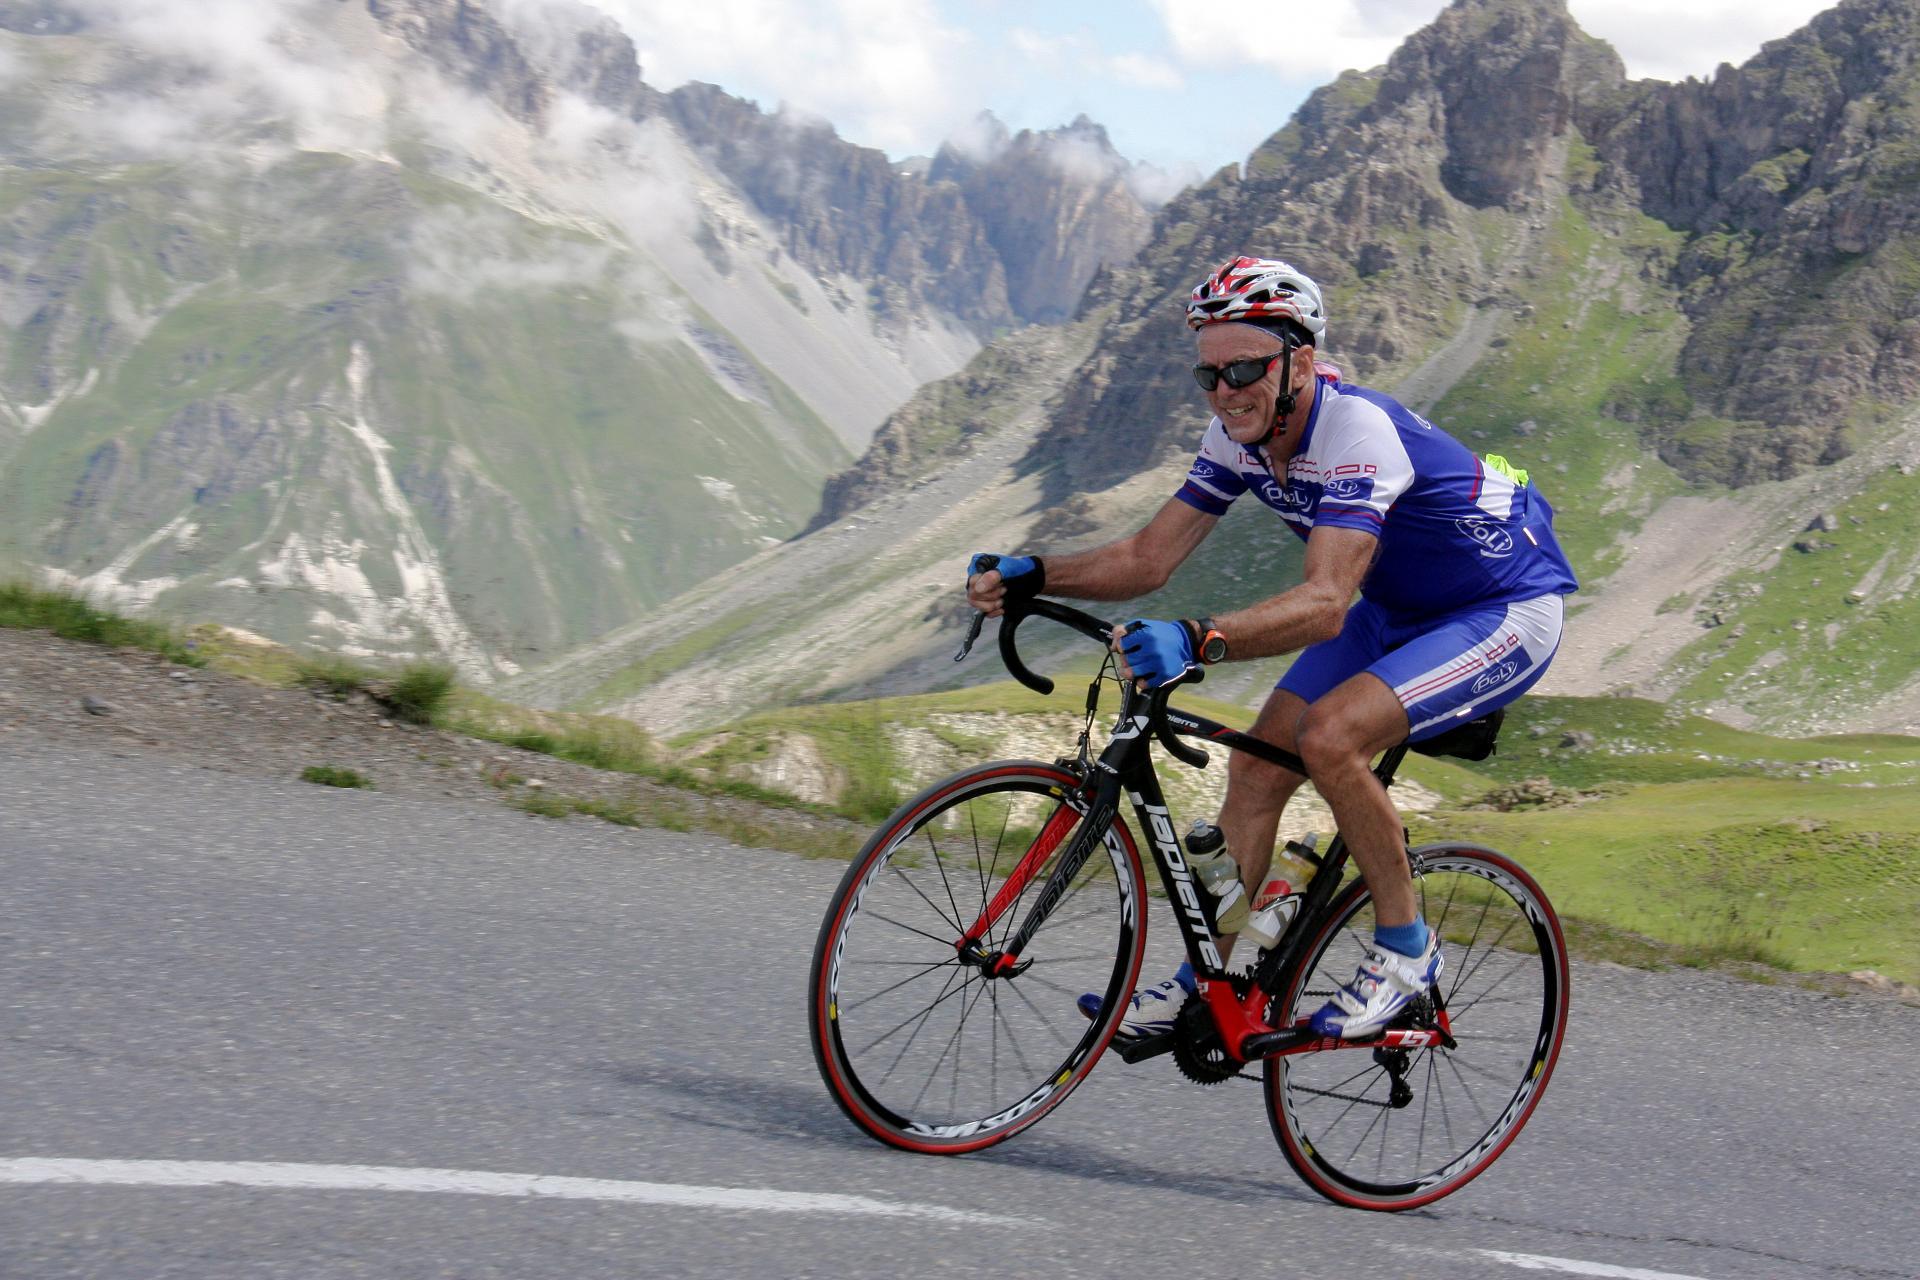 Montée à vélo cols Télégraphe / Galibier